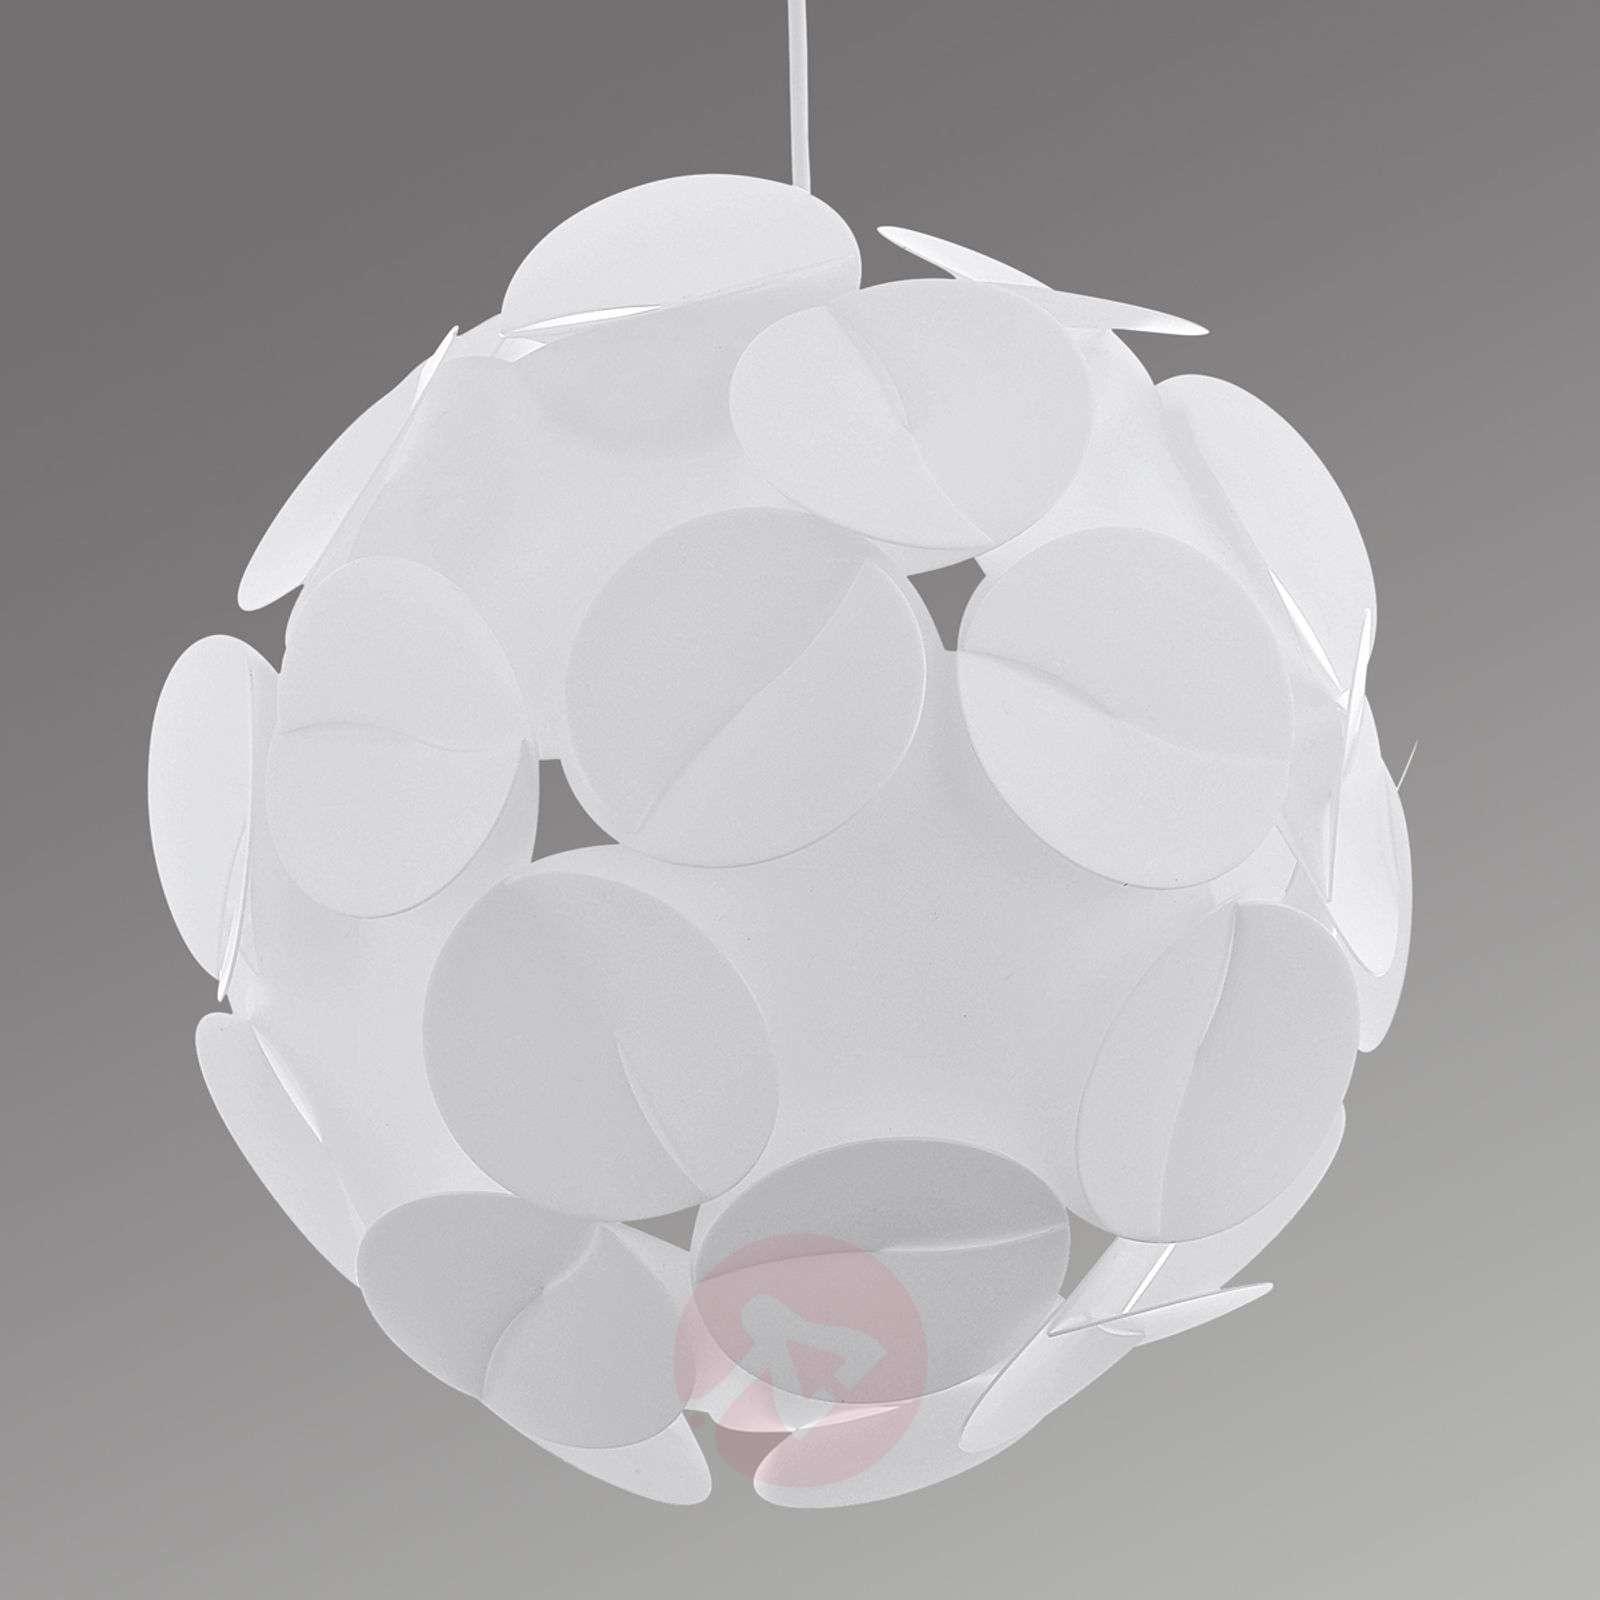 unusual pendant lighting. Altovia Unusual Pendant Lamp-3031618-01 Lighting D